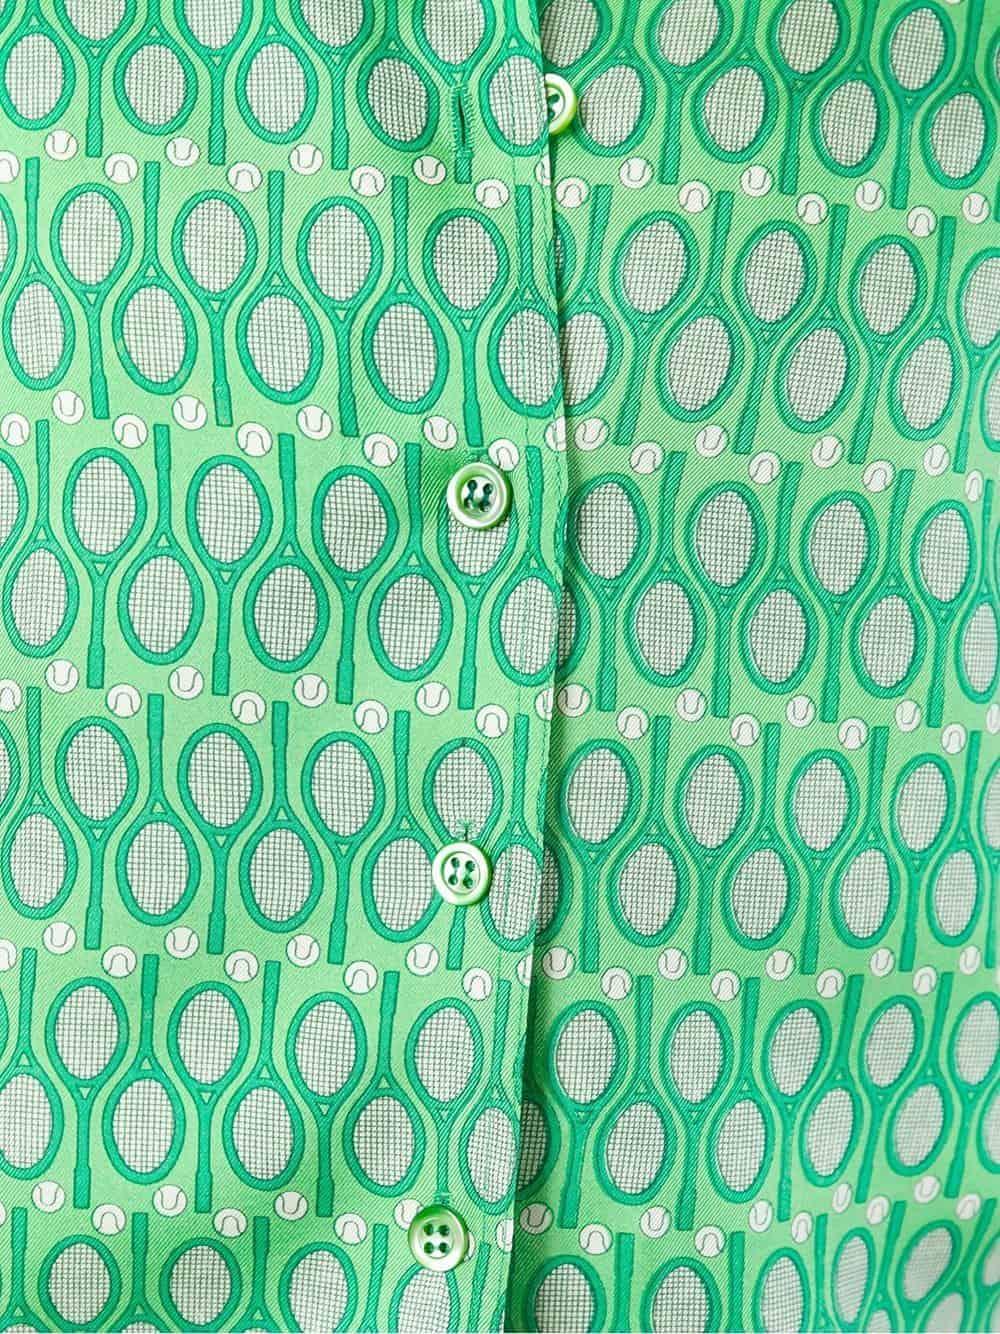 Hermès Fun & collectable Tennis silk shirt 70s